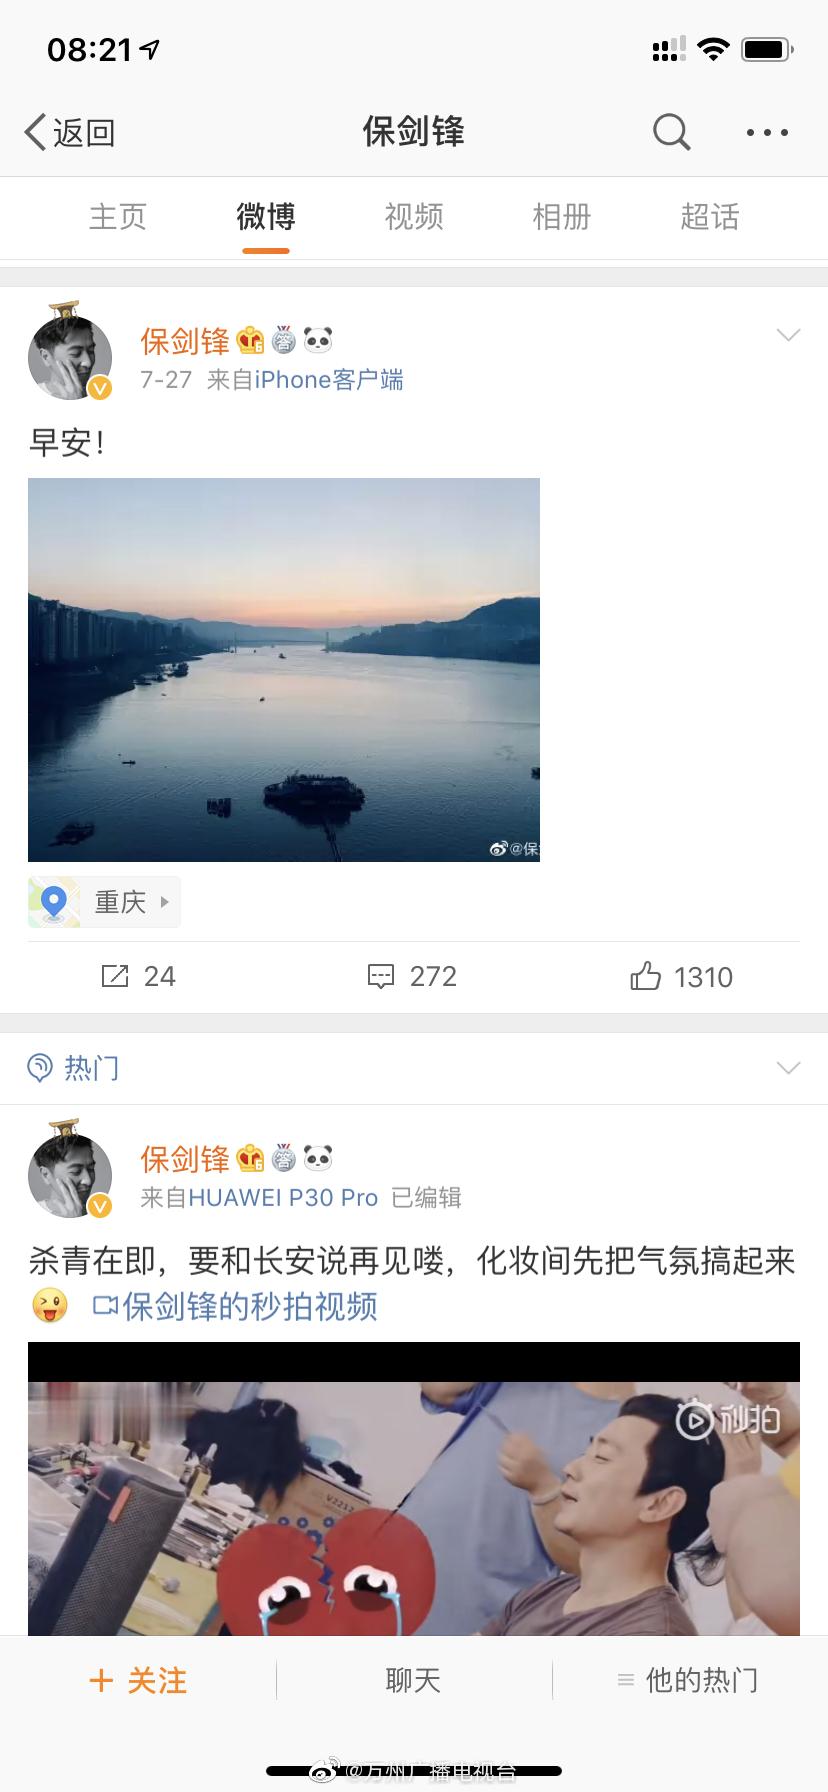 电视剧《中国大船》在万州开拍